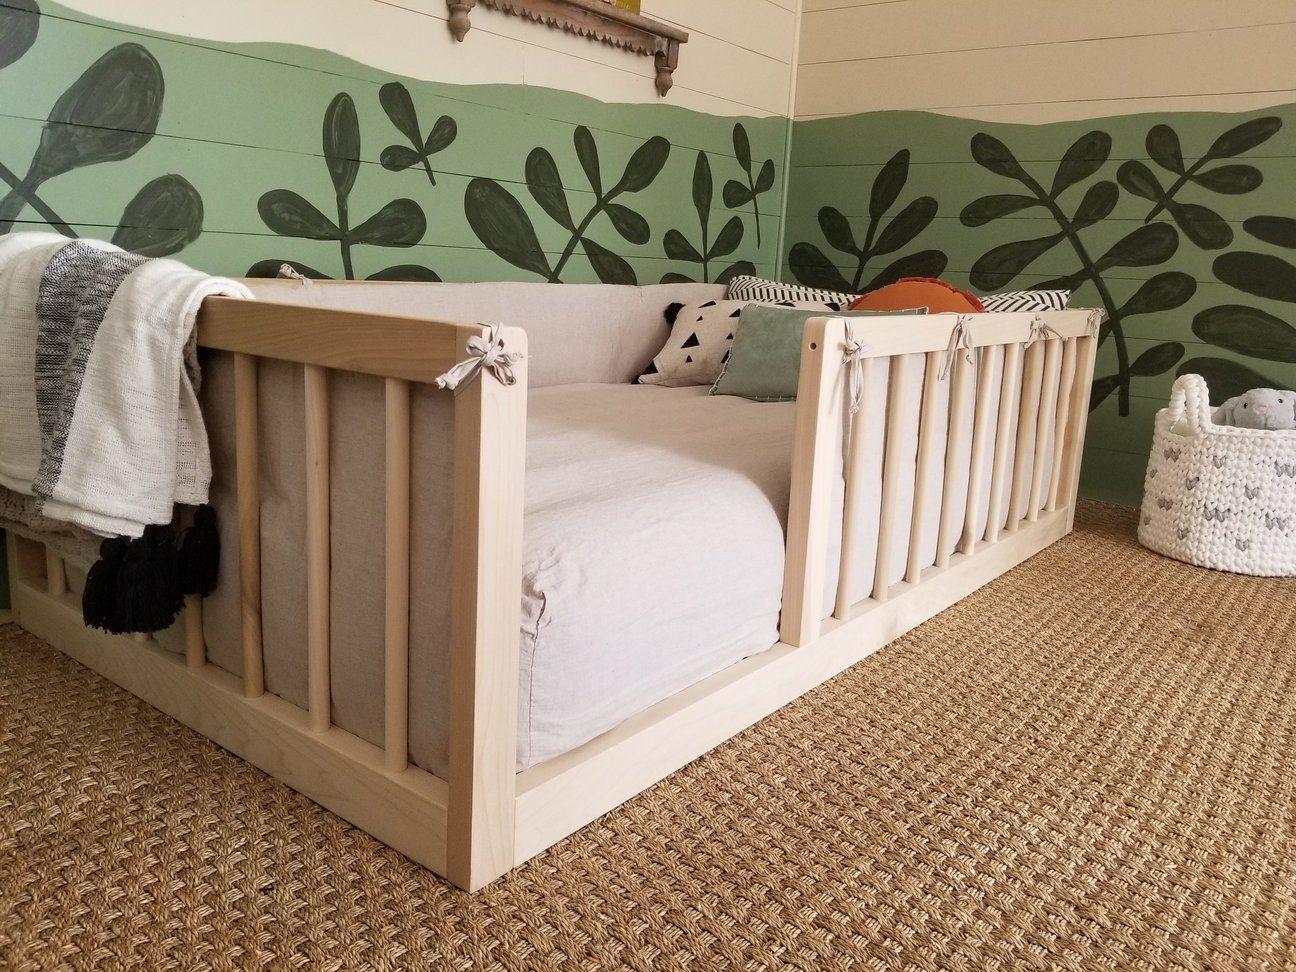 Montessori Floor Bed With Rails TWIN Size in 2020 Floor